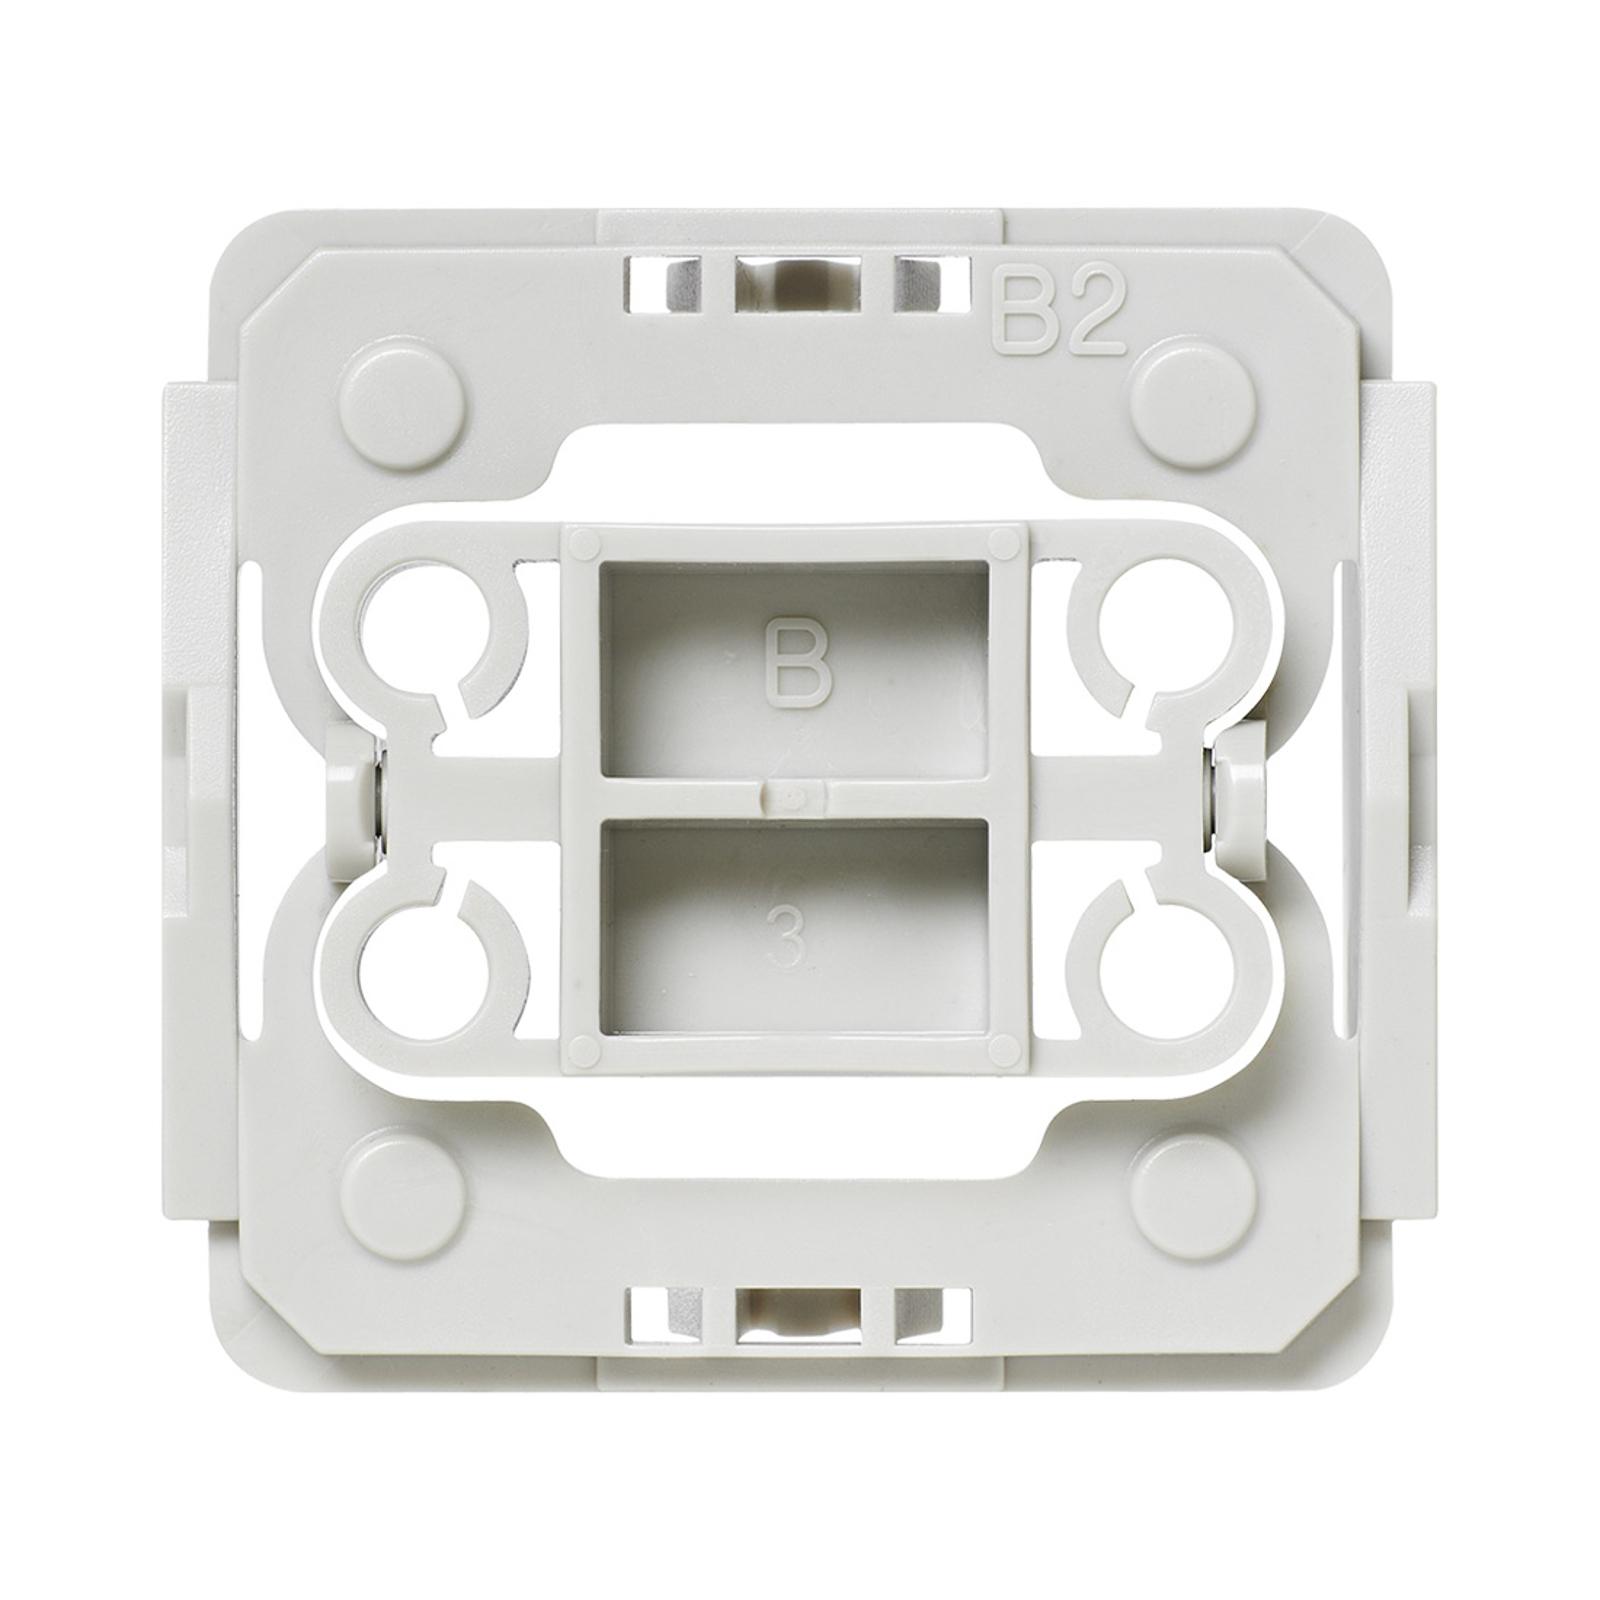 Homematic IP adaptateur interrupteur Berker B2 3x